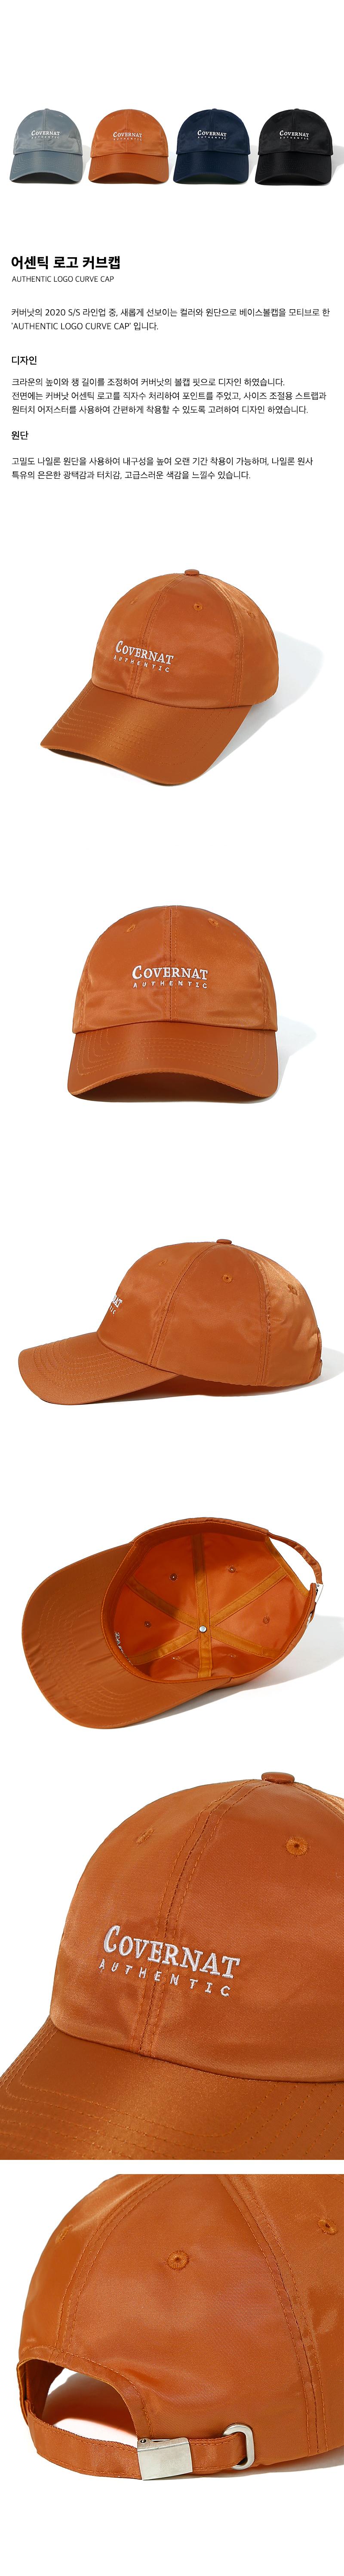 커버낫(COVERNAT) 어센틱 로고 커브 캡 오렌지